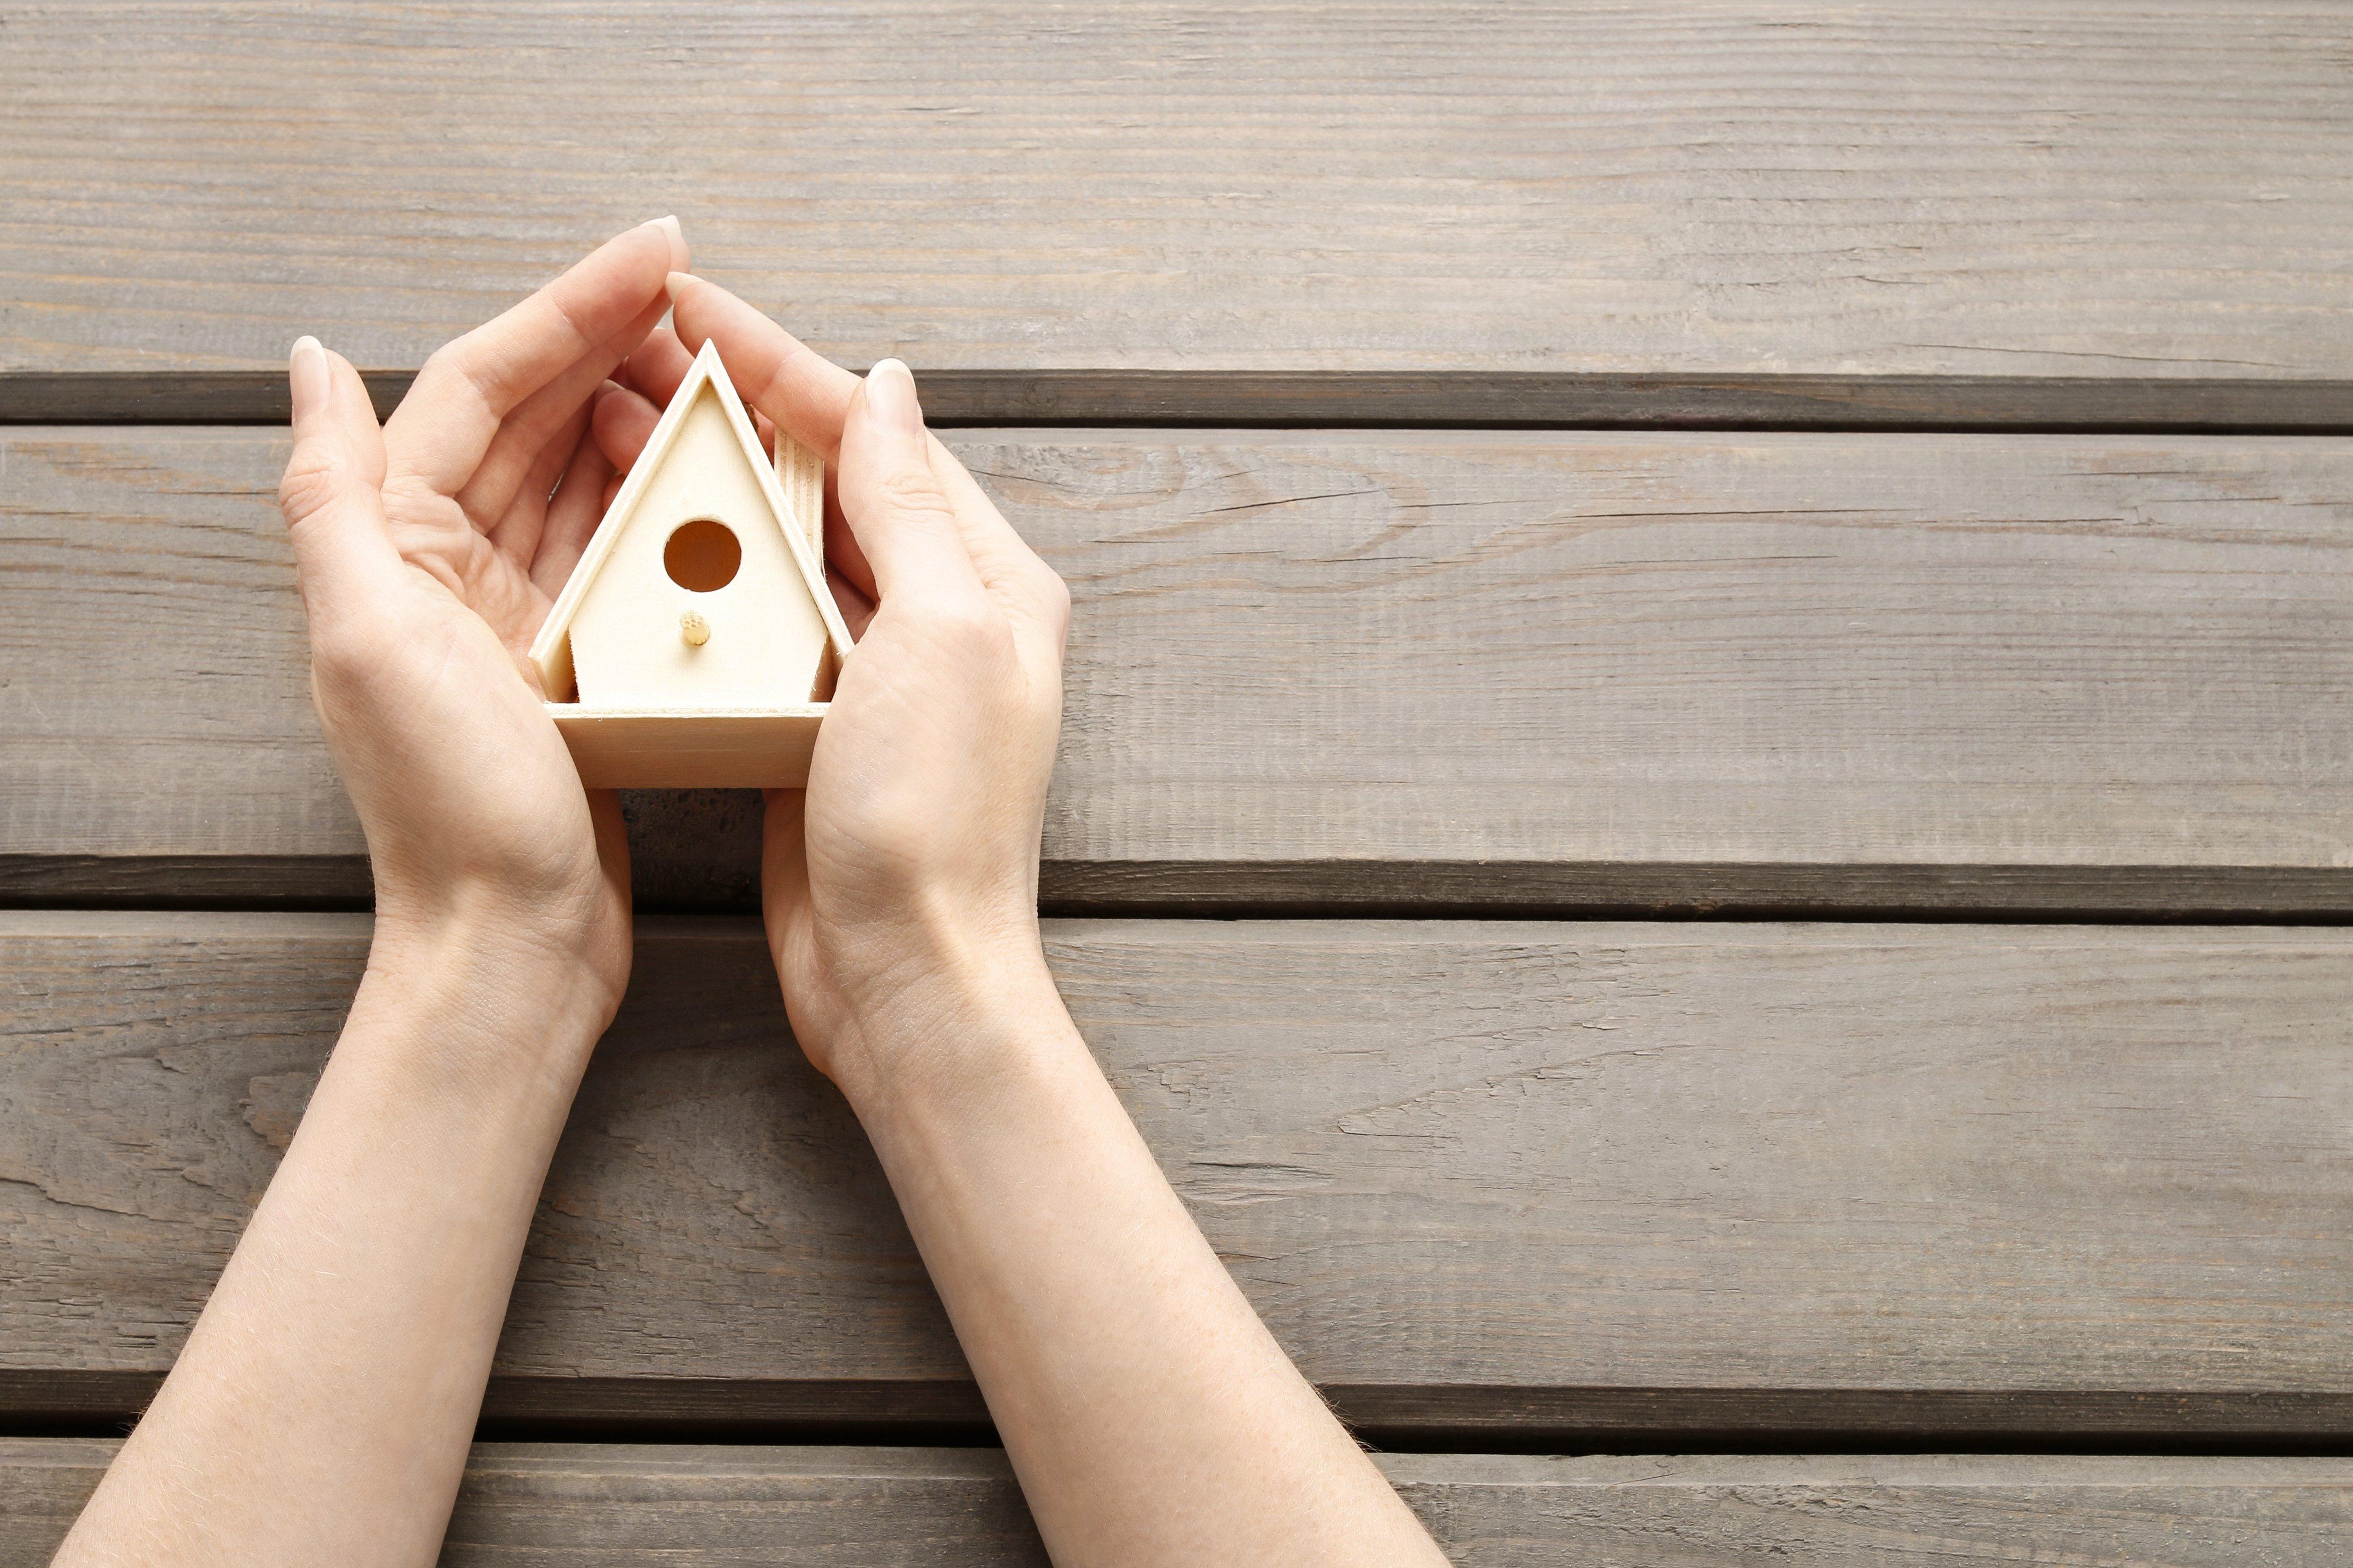 sparen om een huis te kopen